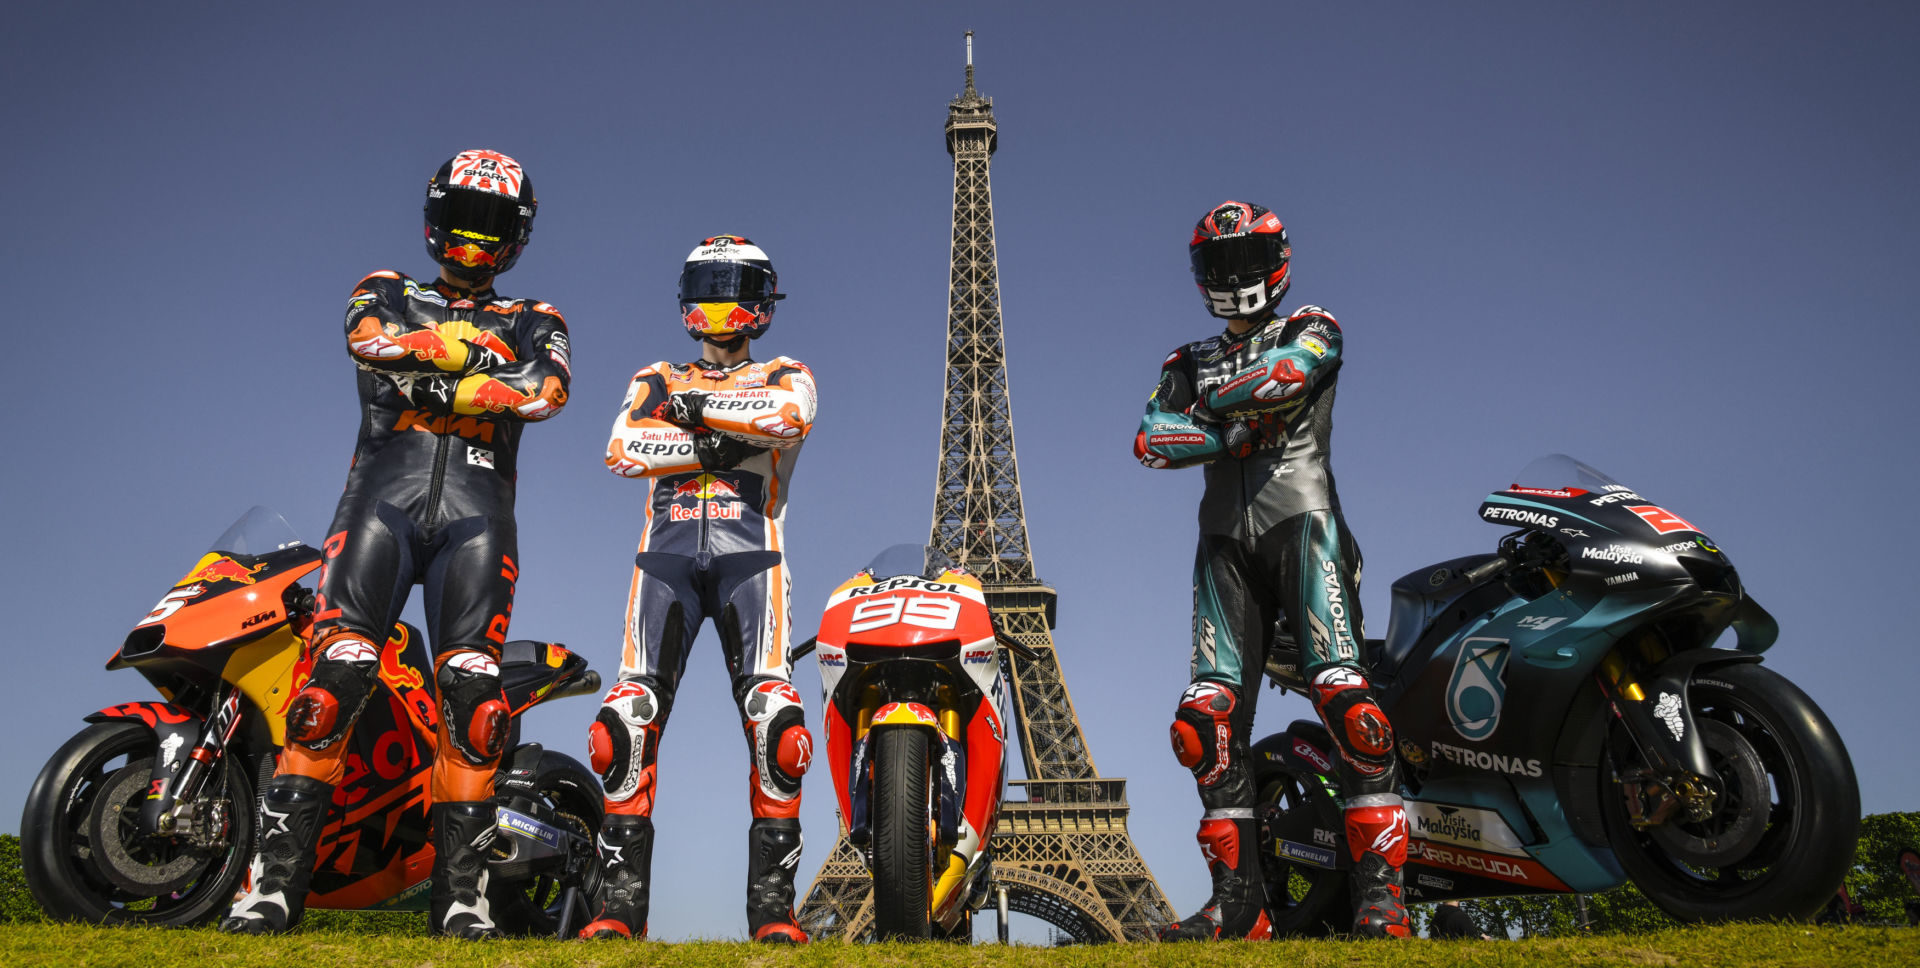 Johann Zarco (left), Jorge Lorenzo (center), and Fabio Quartararo (right) in a pre-race publicity photo in Paris for the 2019 French Grand Prix. Photo courtesy of Dorna.